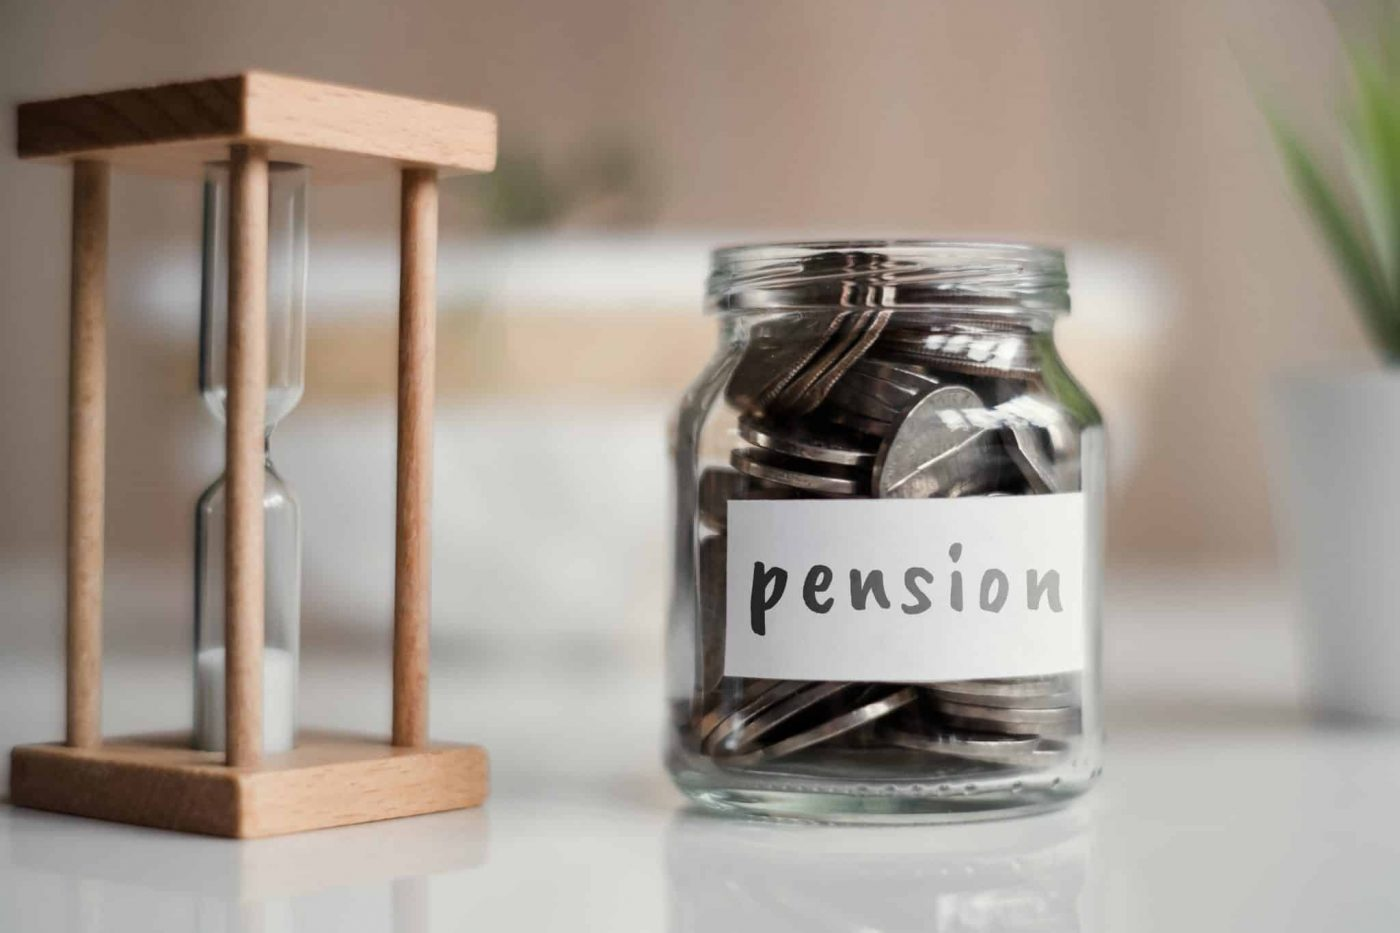 האם ניתן להפקיד לקרן פנסיה משני מעסיקים בו זמנית?